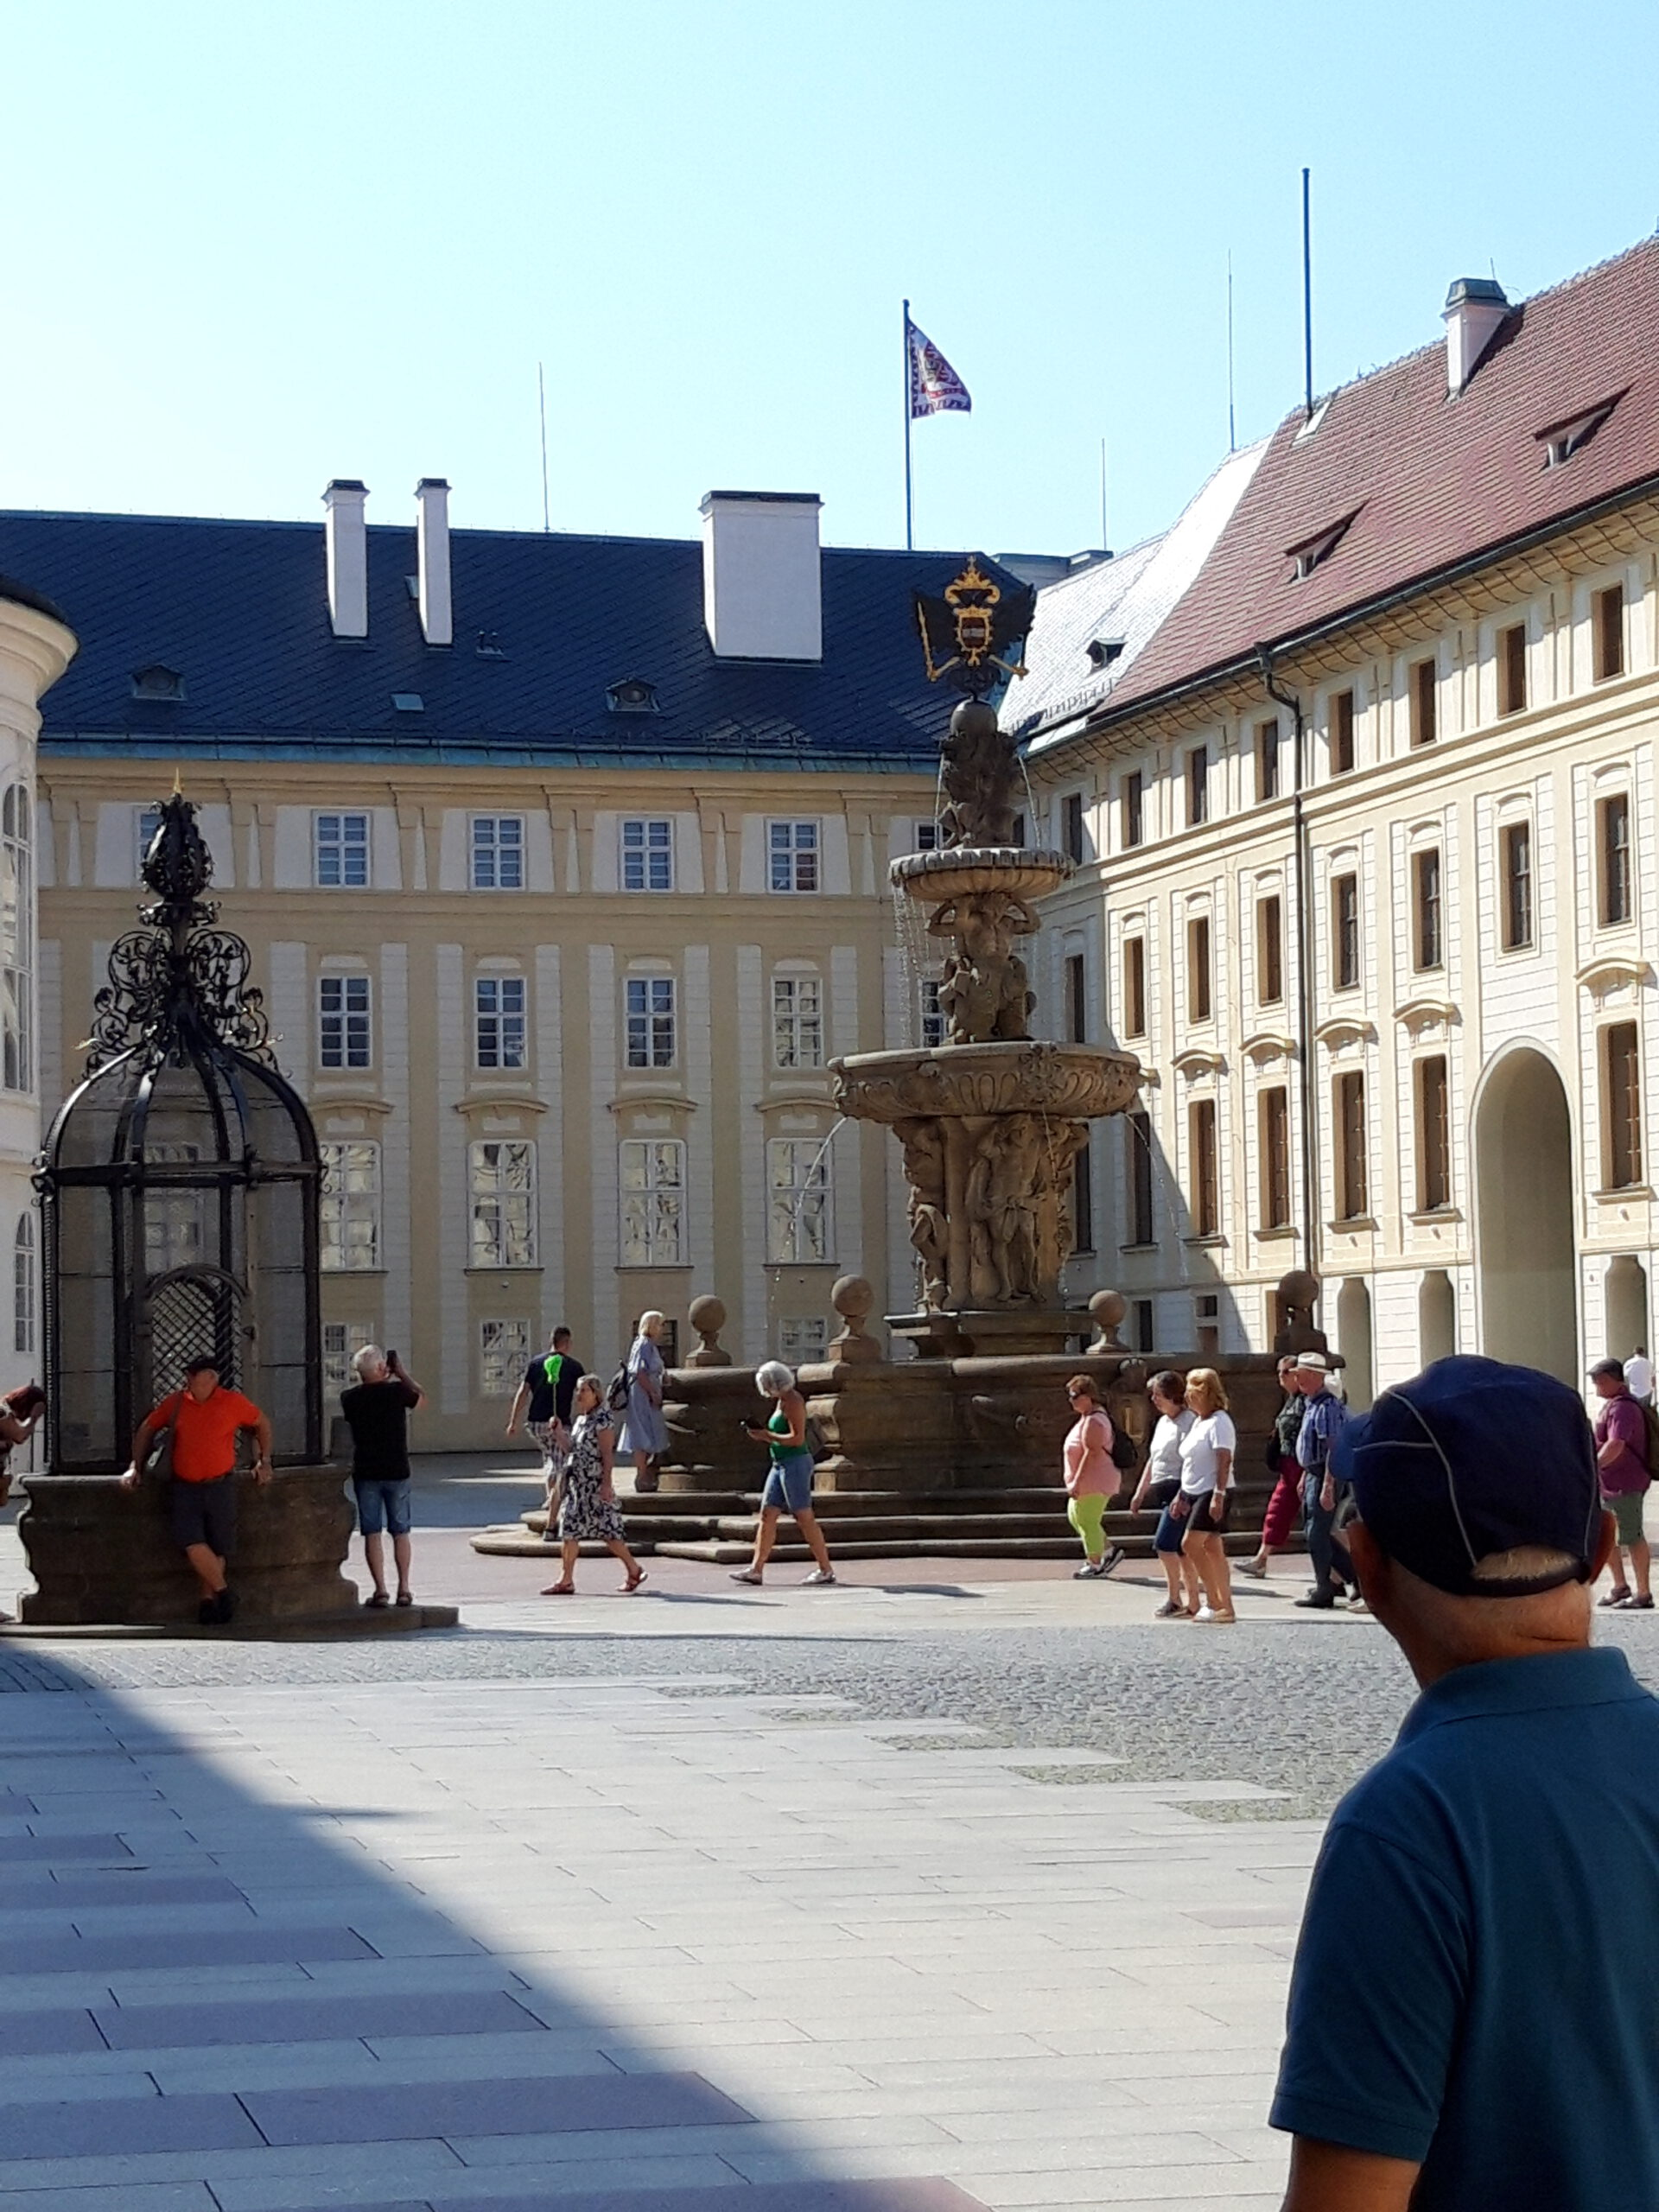 Der Innenhof  der Karlsburg